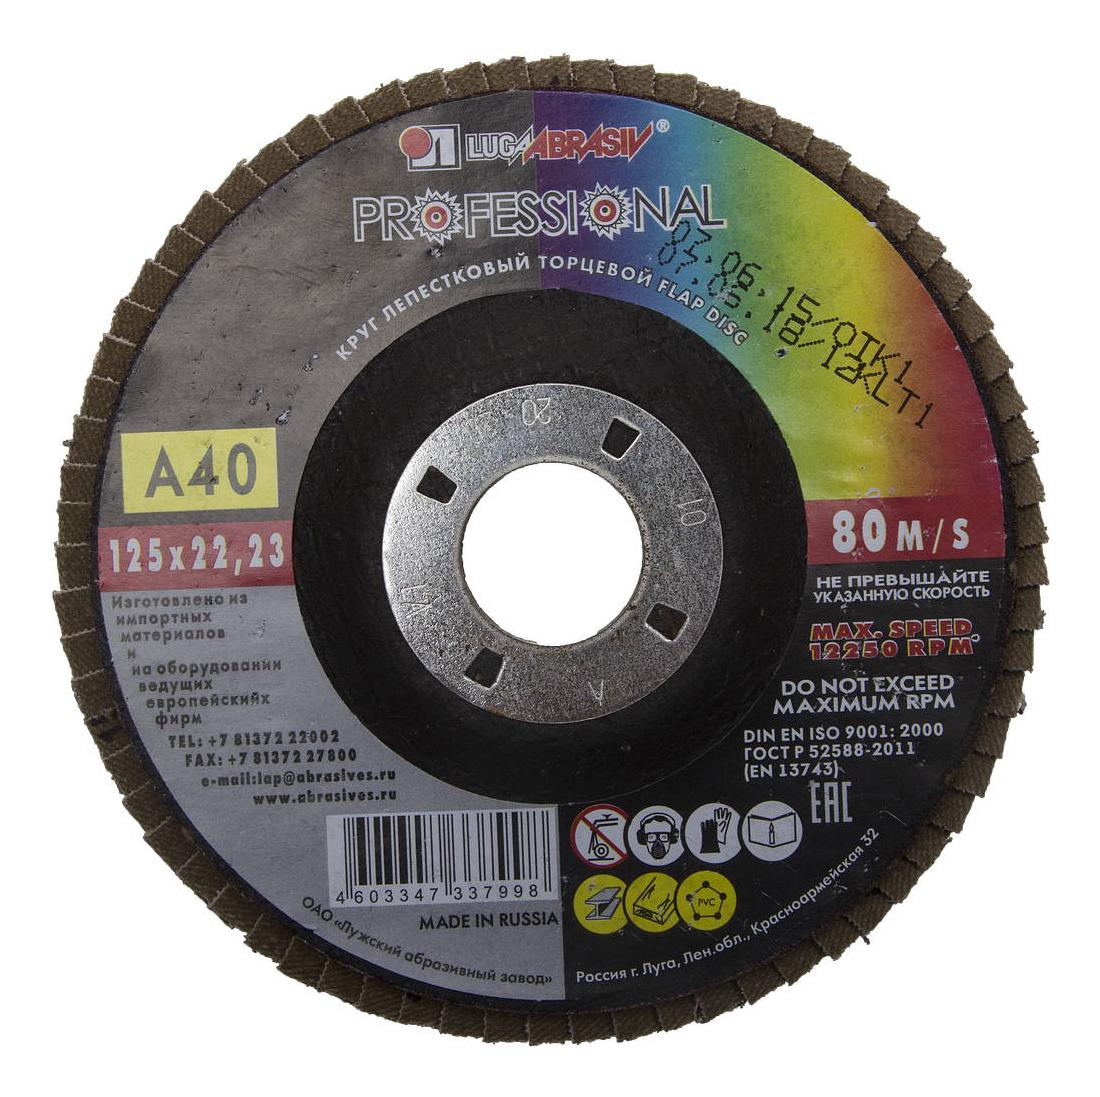 Диск лепестковый для угловых шлифмашин ЛУГА 3656-125-40 фото